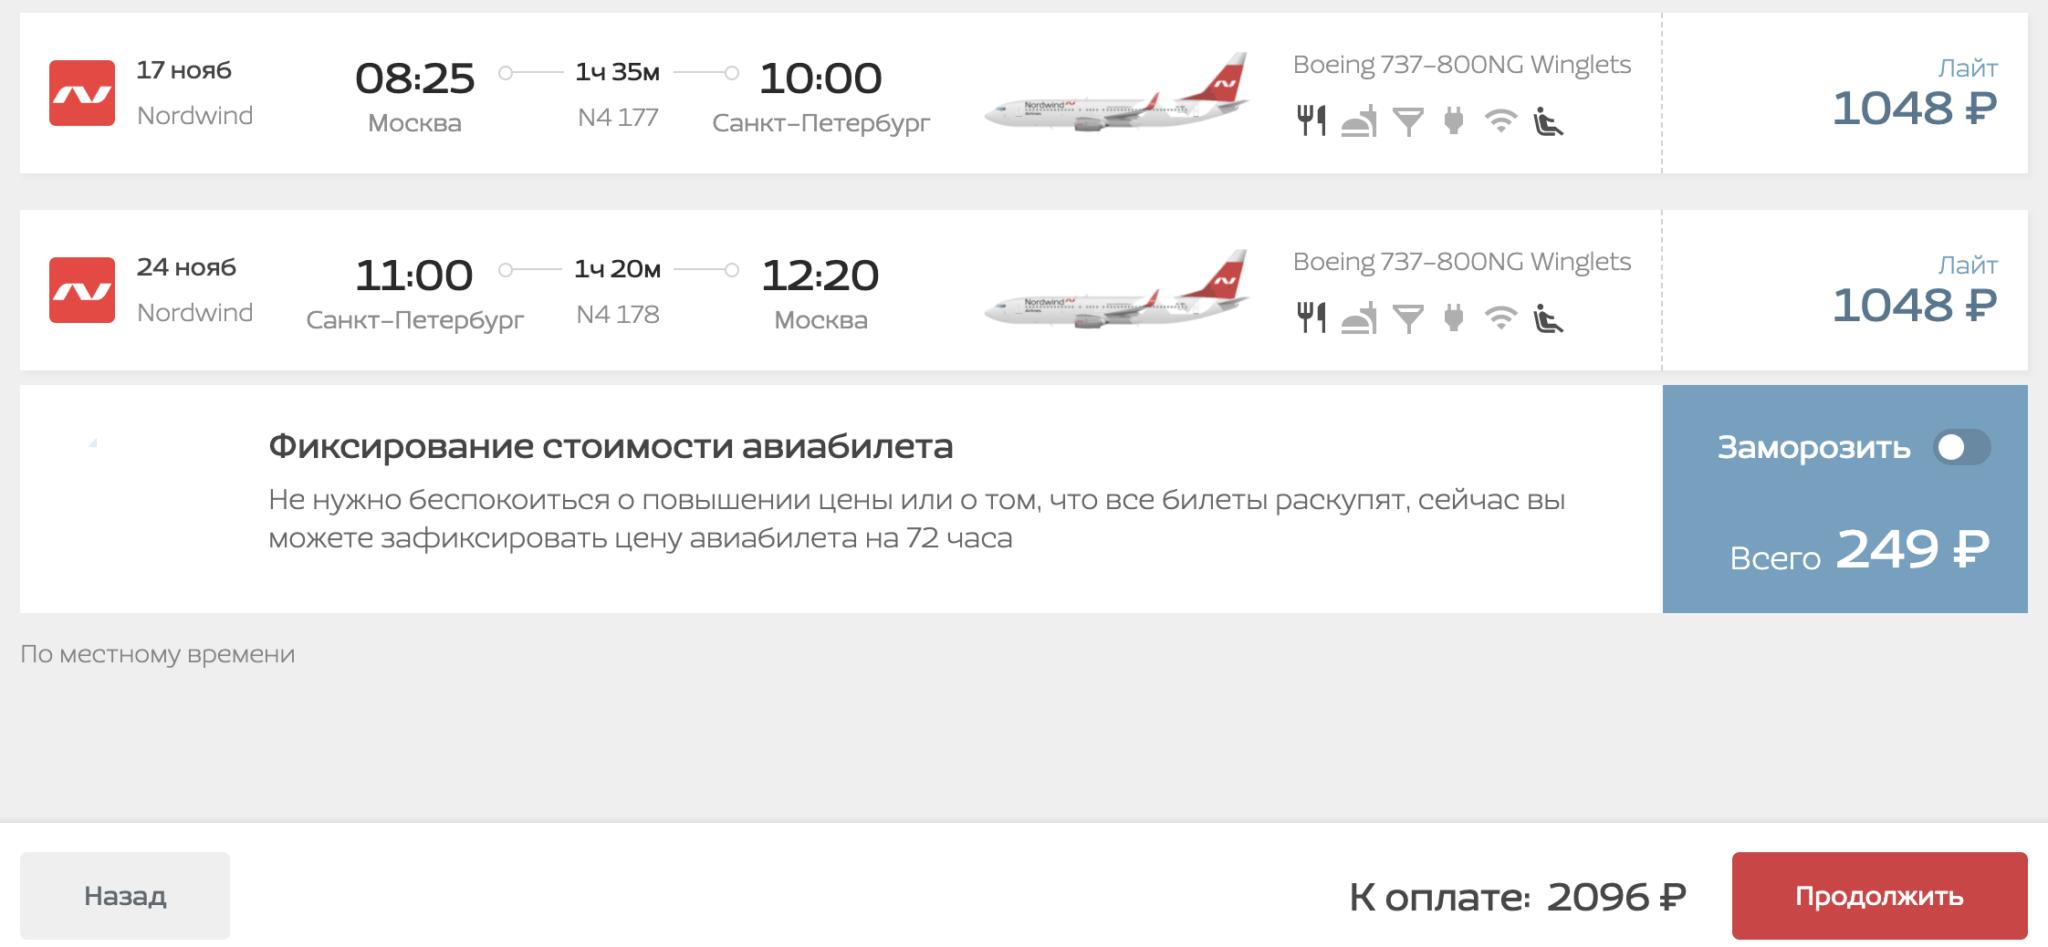 Распродажа Nordwind: по России из Мск и СПб от 2100₽ туда-обратно с ноября по март